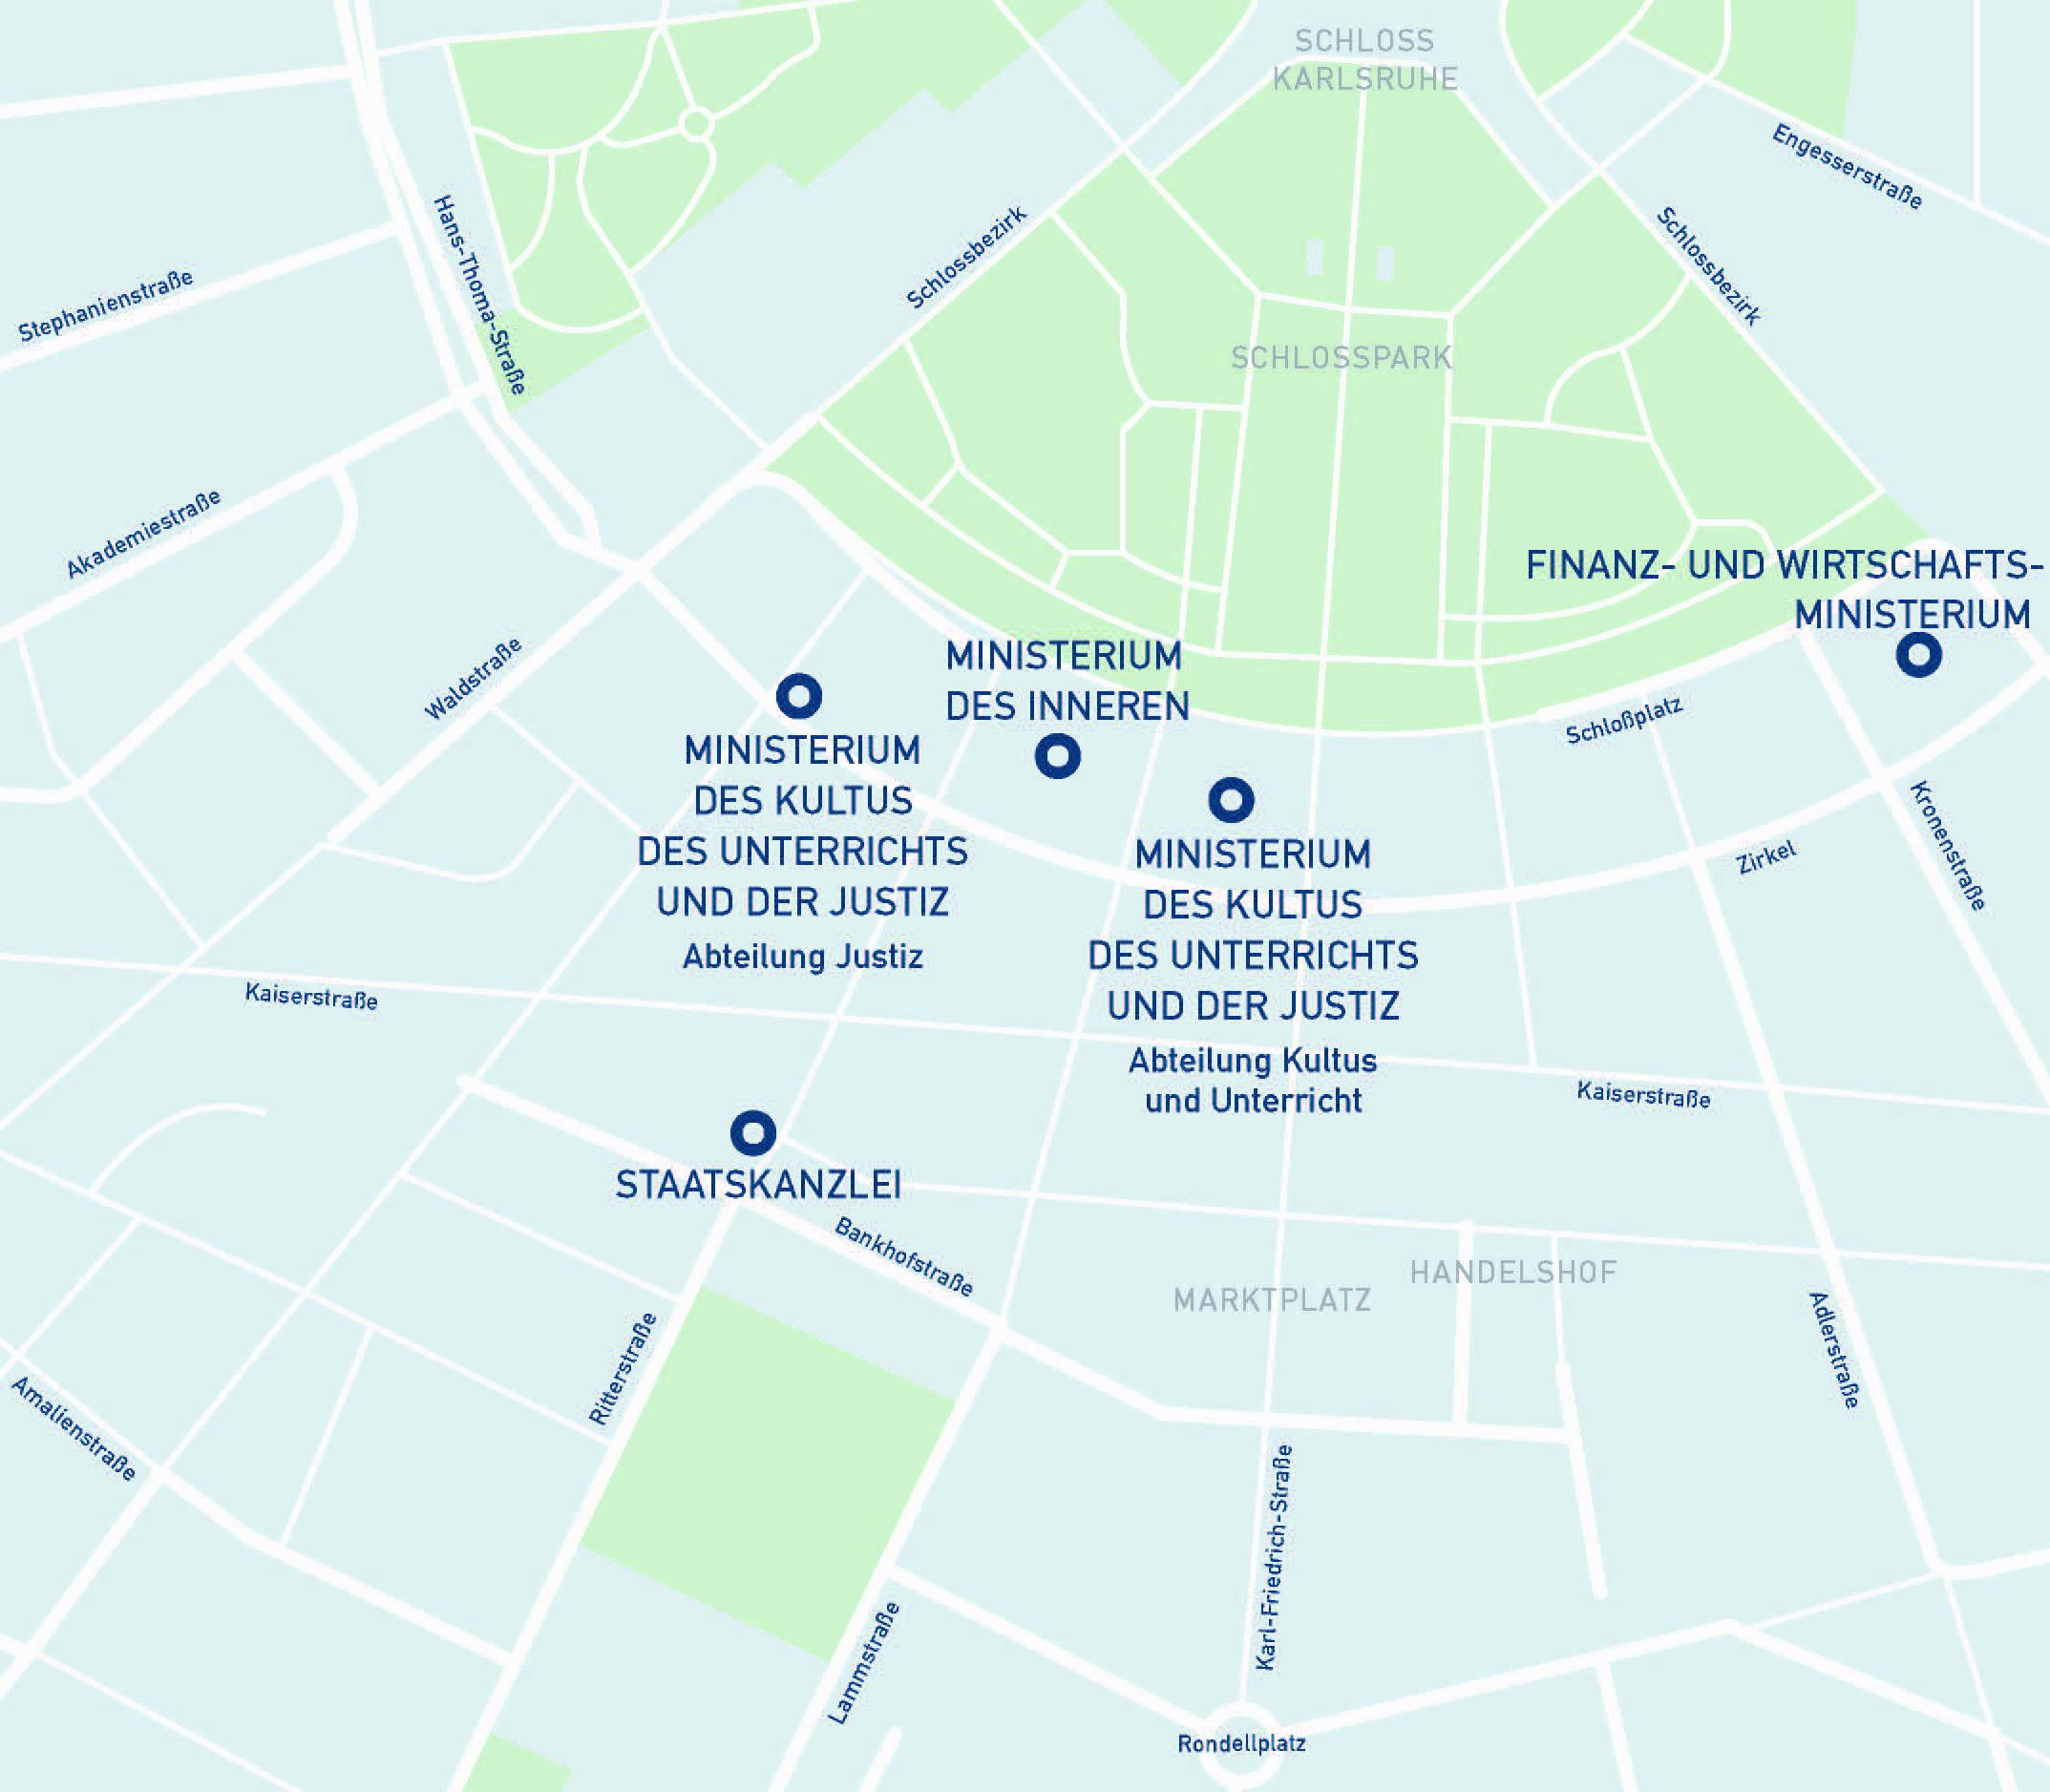 Karlsruhe Karte korrigiert Februar 2016